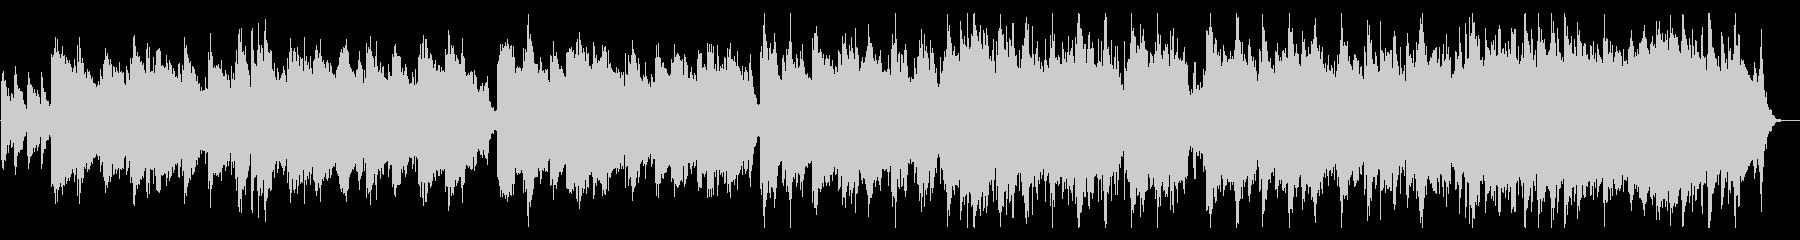 ノスタルジックなトランペットのバラードの未再生の波形